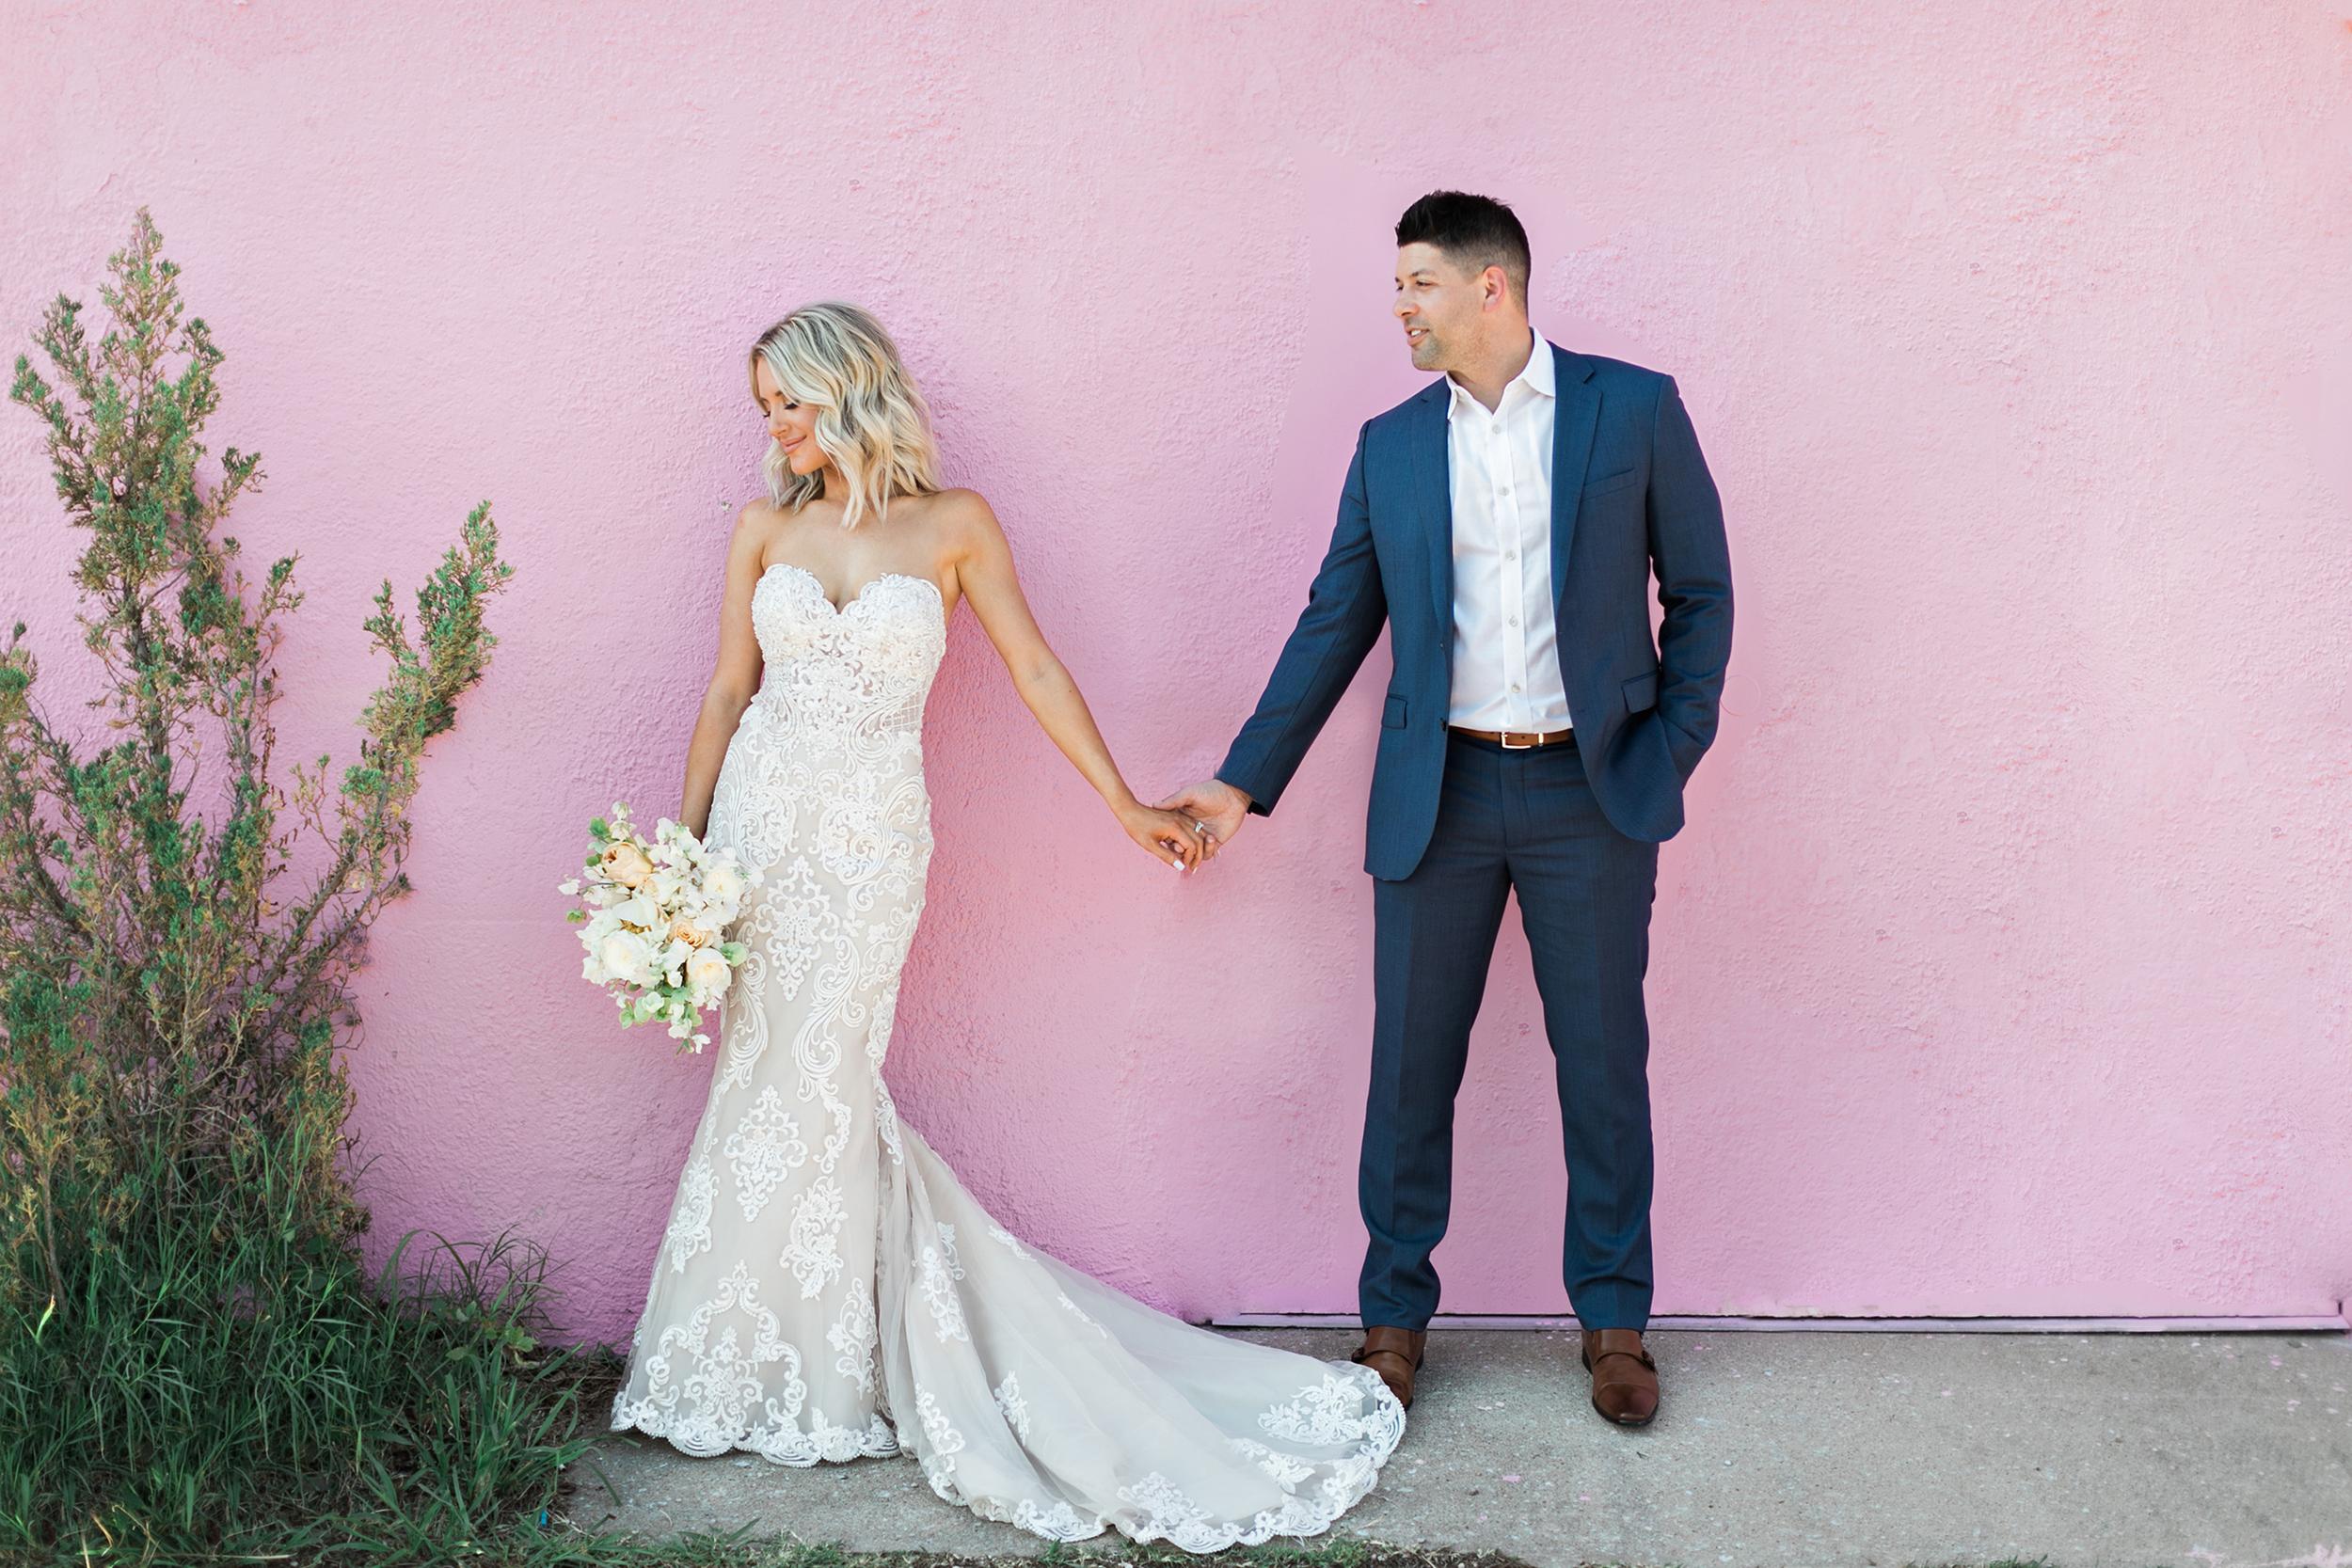 Wedding Planning Q&A Fashion Influencer Emma Battle 2